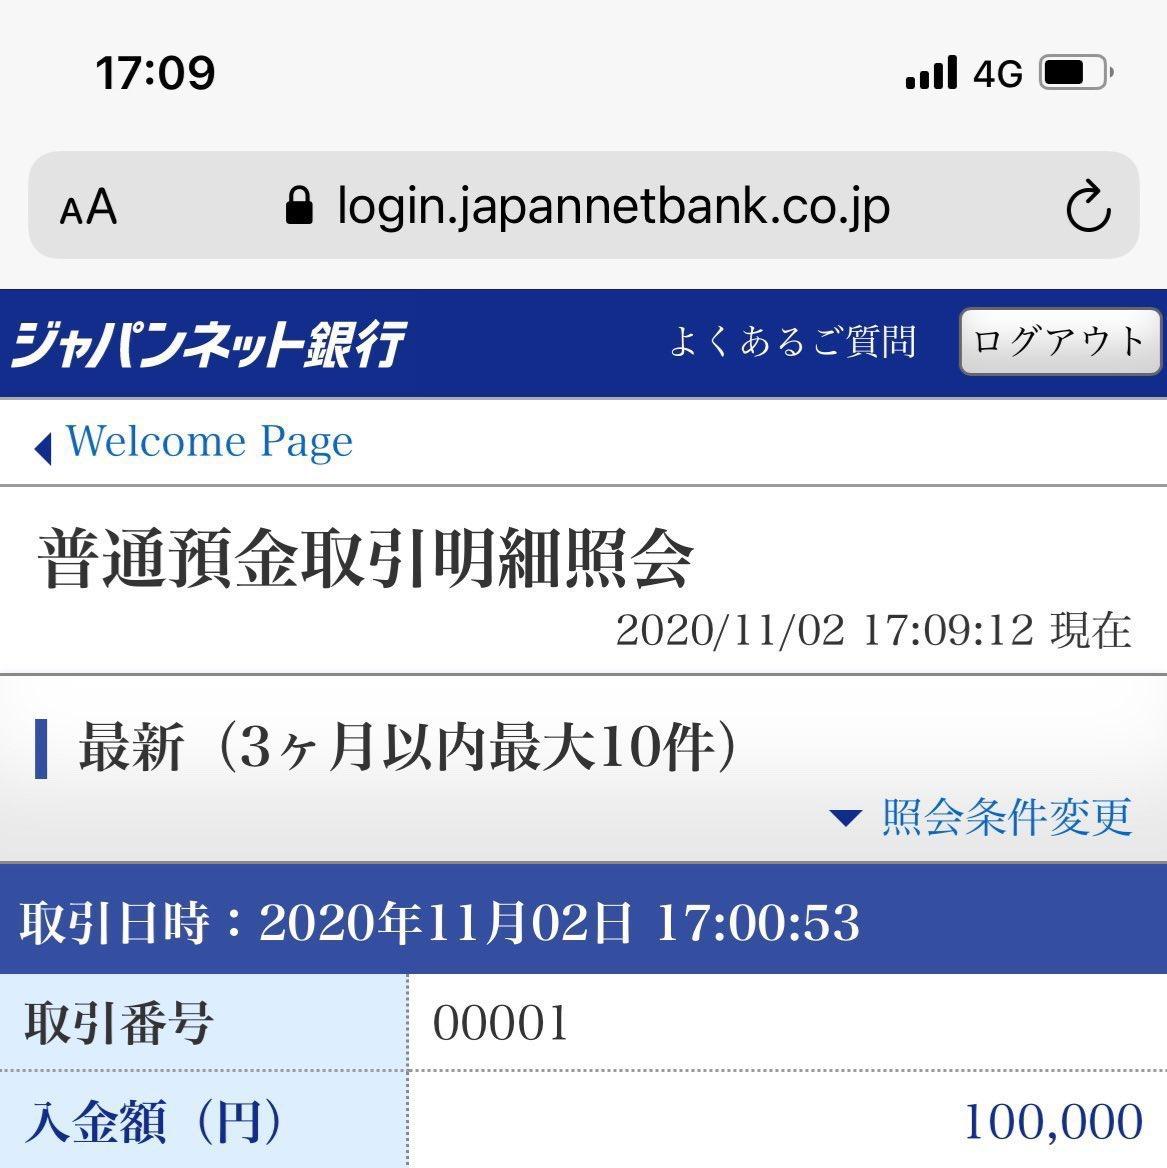 フォローRTした全員に10万円配ります 本気です